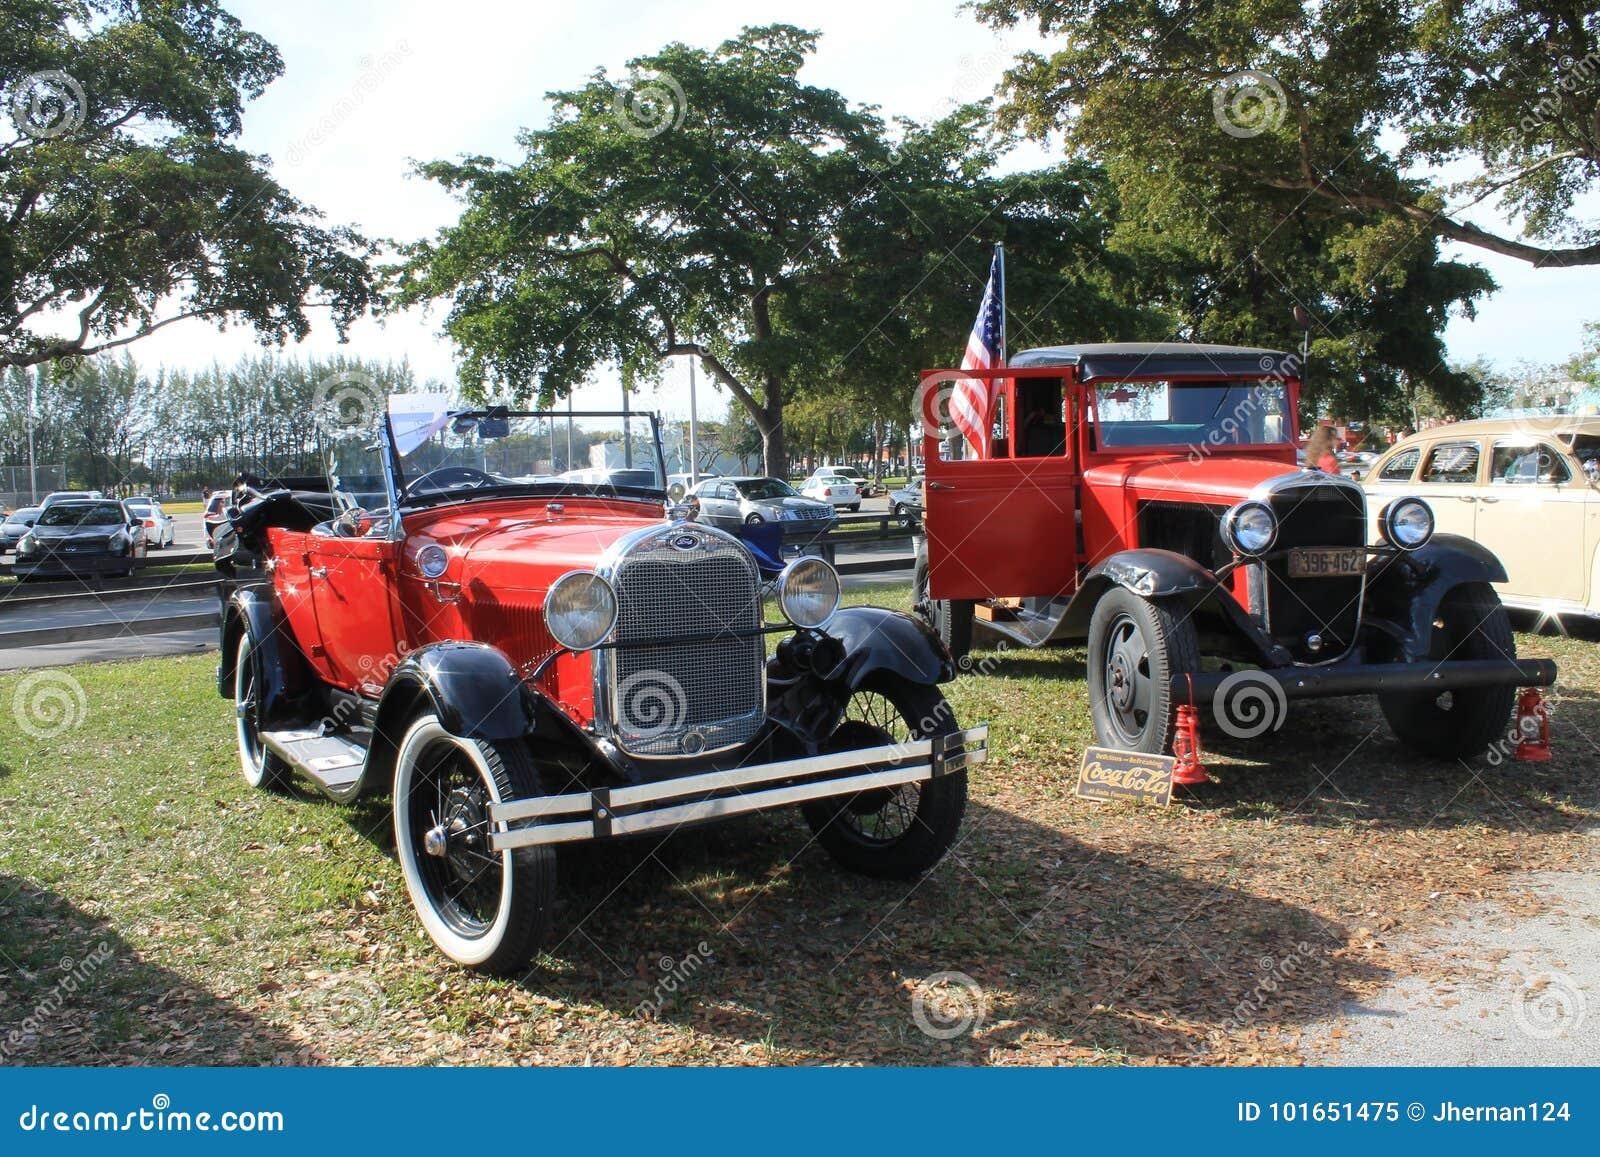 Coches americanos clásicos parqueados de lado a lado